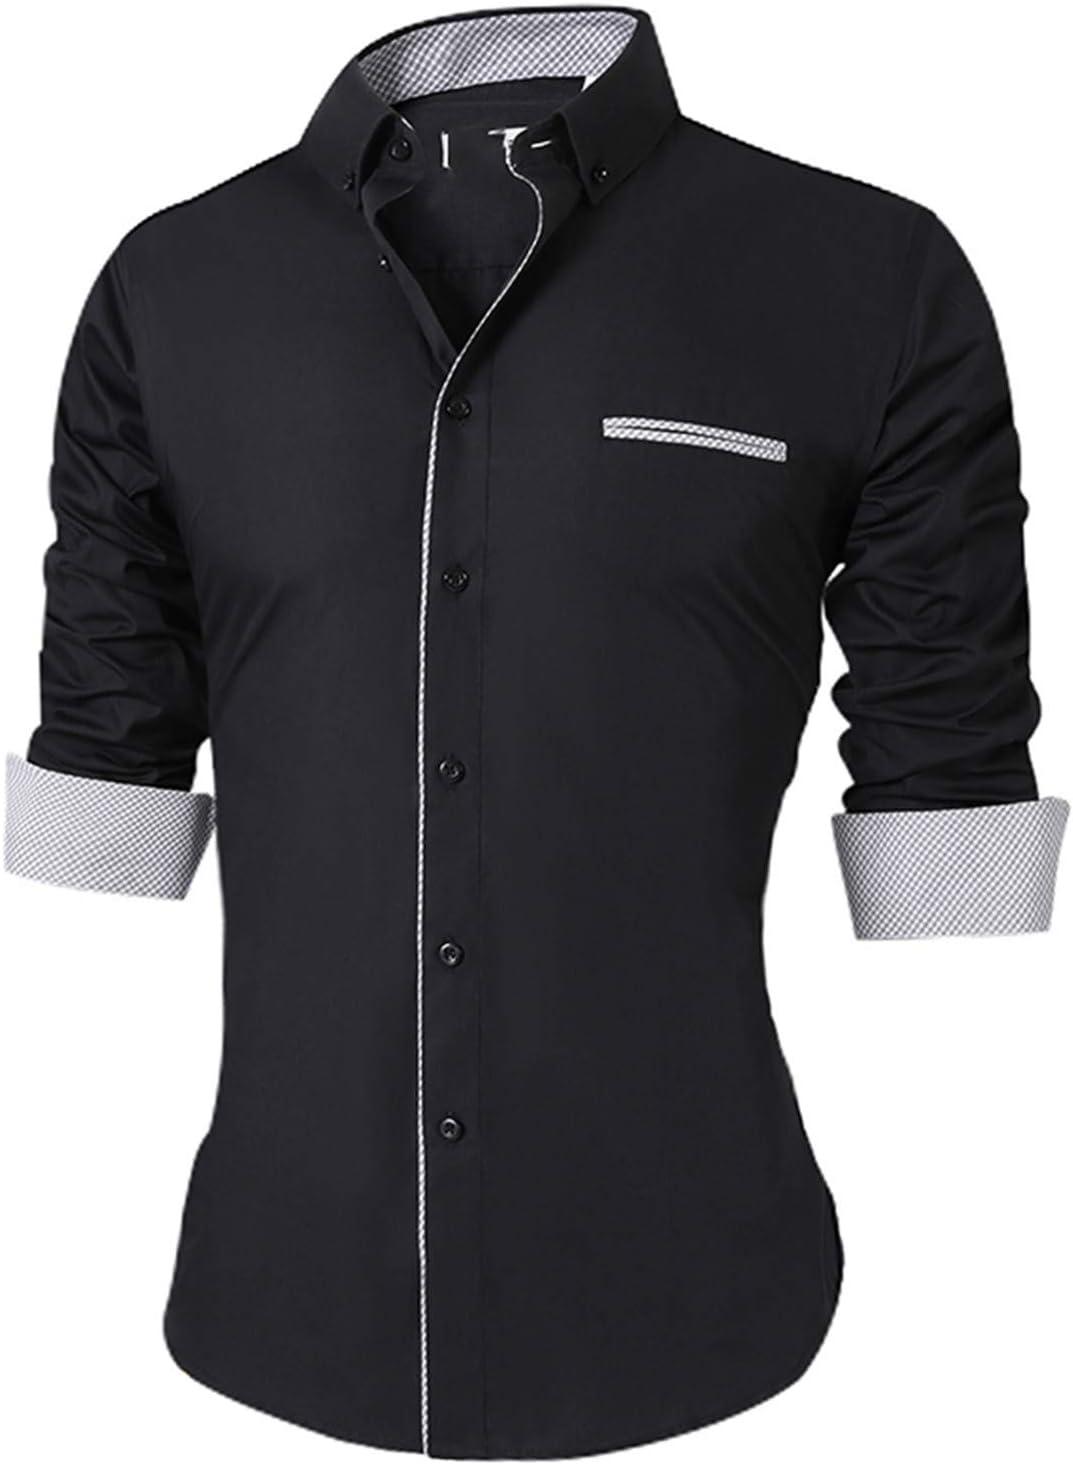 Keamallltd Camisas Casuales De Los Hombres Camisa De Vestir De Manga Larga De Moda para Hombres Camisa De Vestir De Oficina Hombre Todo El Tamaño XS-Plus Tamaño: Amazon.es: Deportes y aire libre